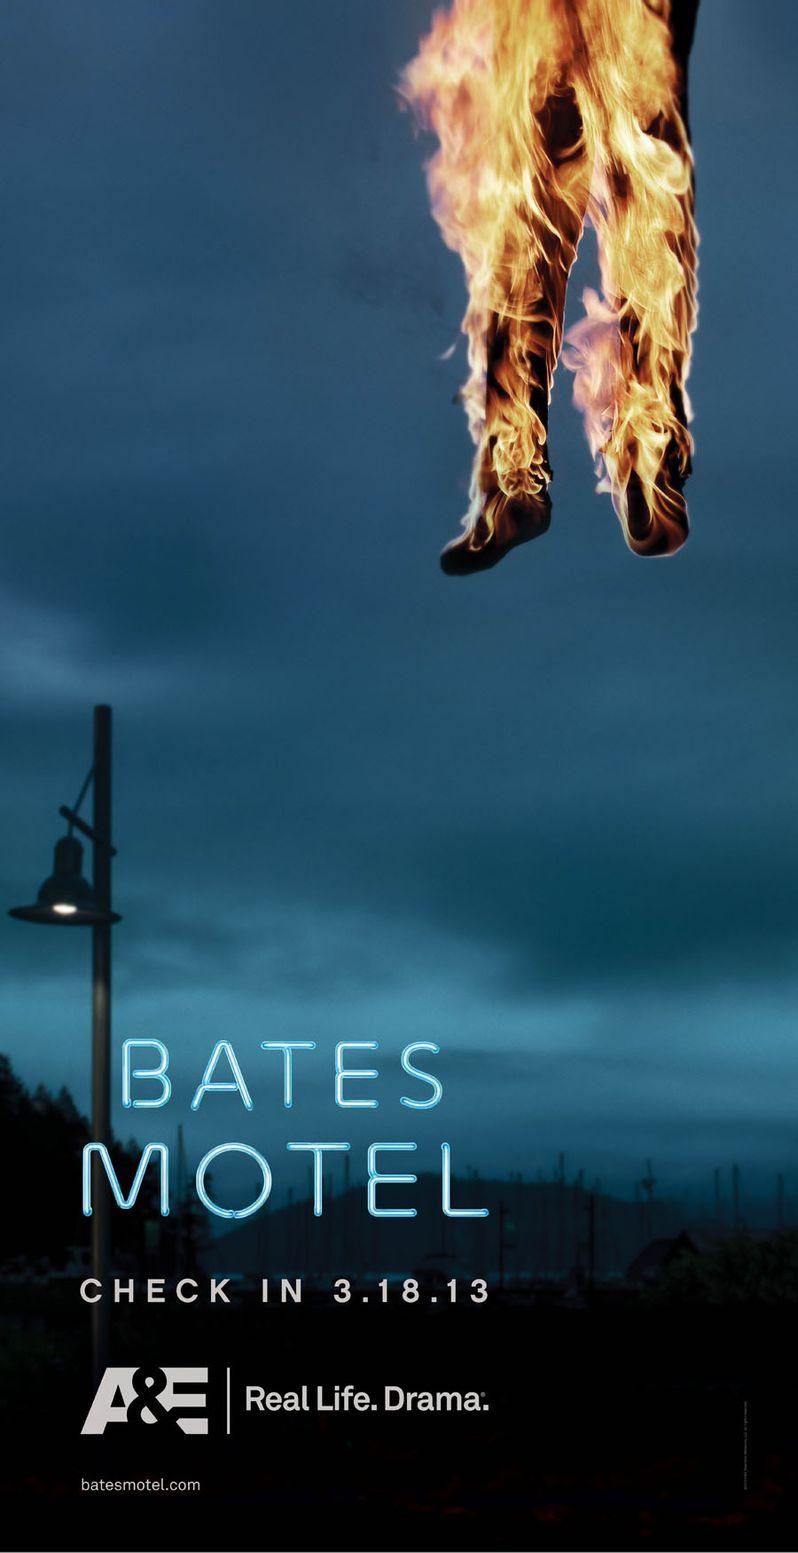 <strong><em>Bates Motel</em></strong> Promo Art 2